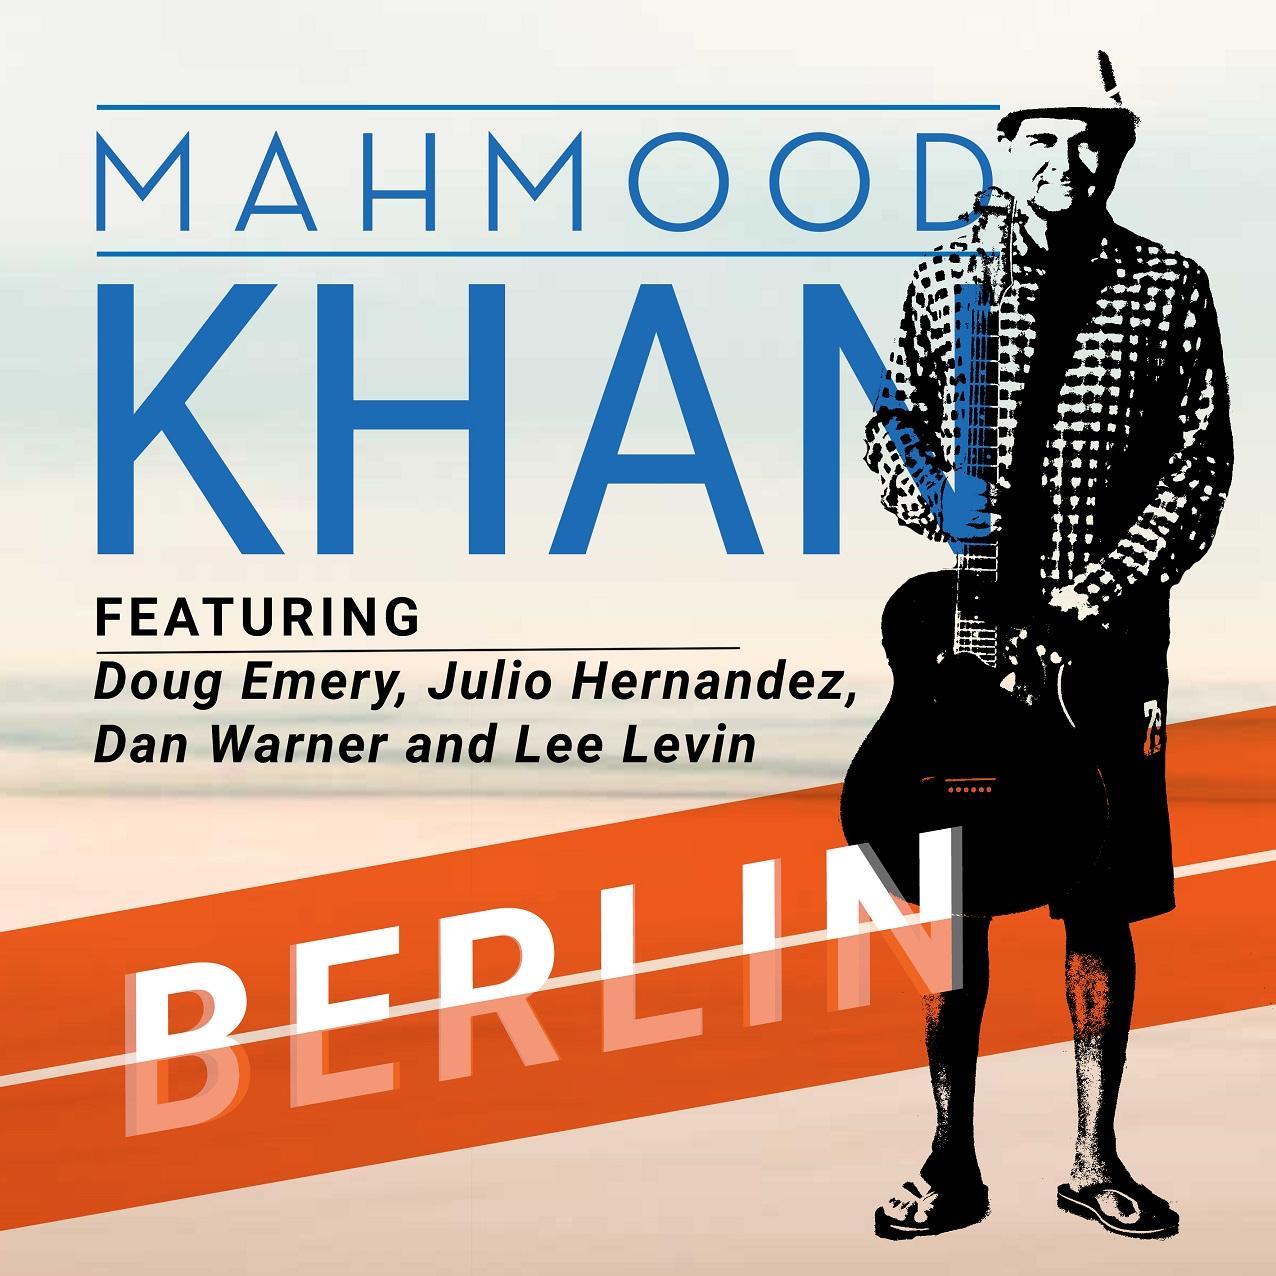 Mahmood Khan's new single BERLIN